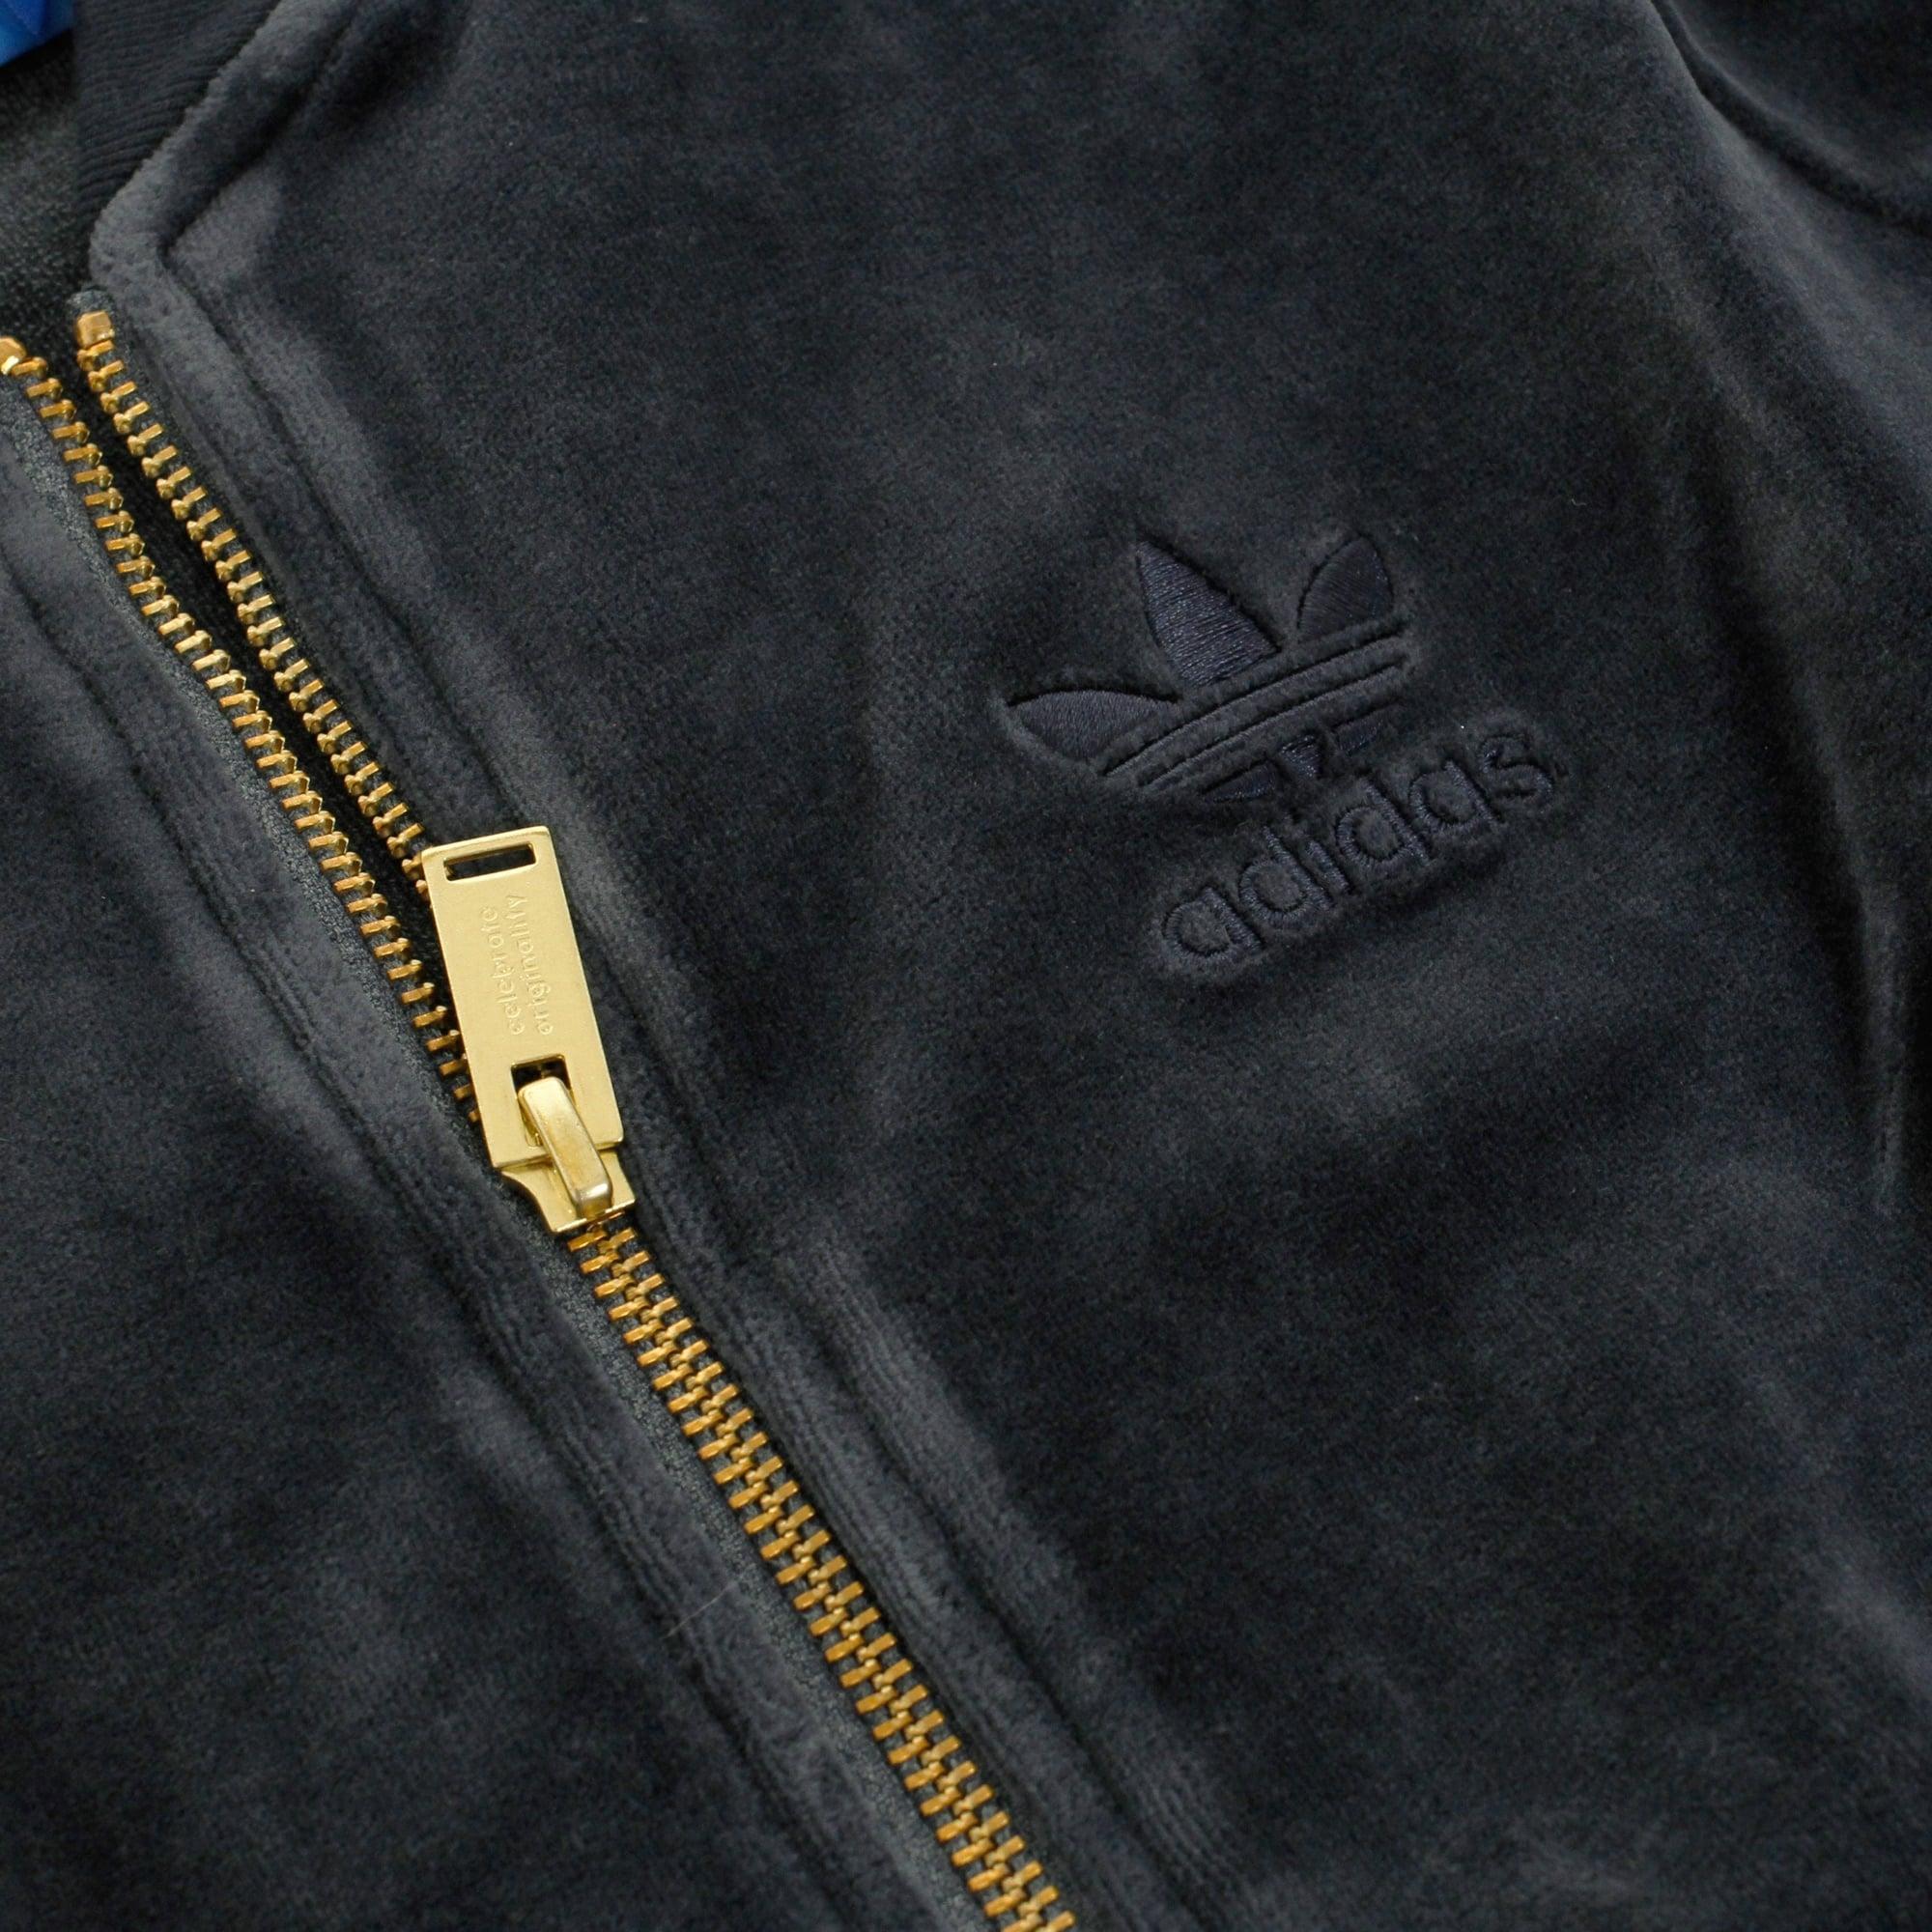 adidas Originals Cotton Beckenbauer Velour Legend Ink Track